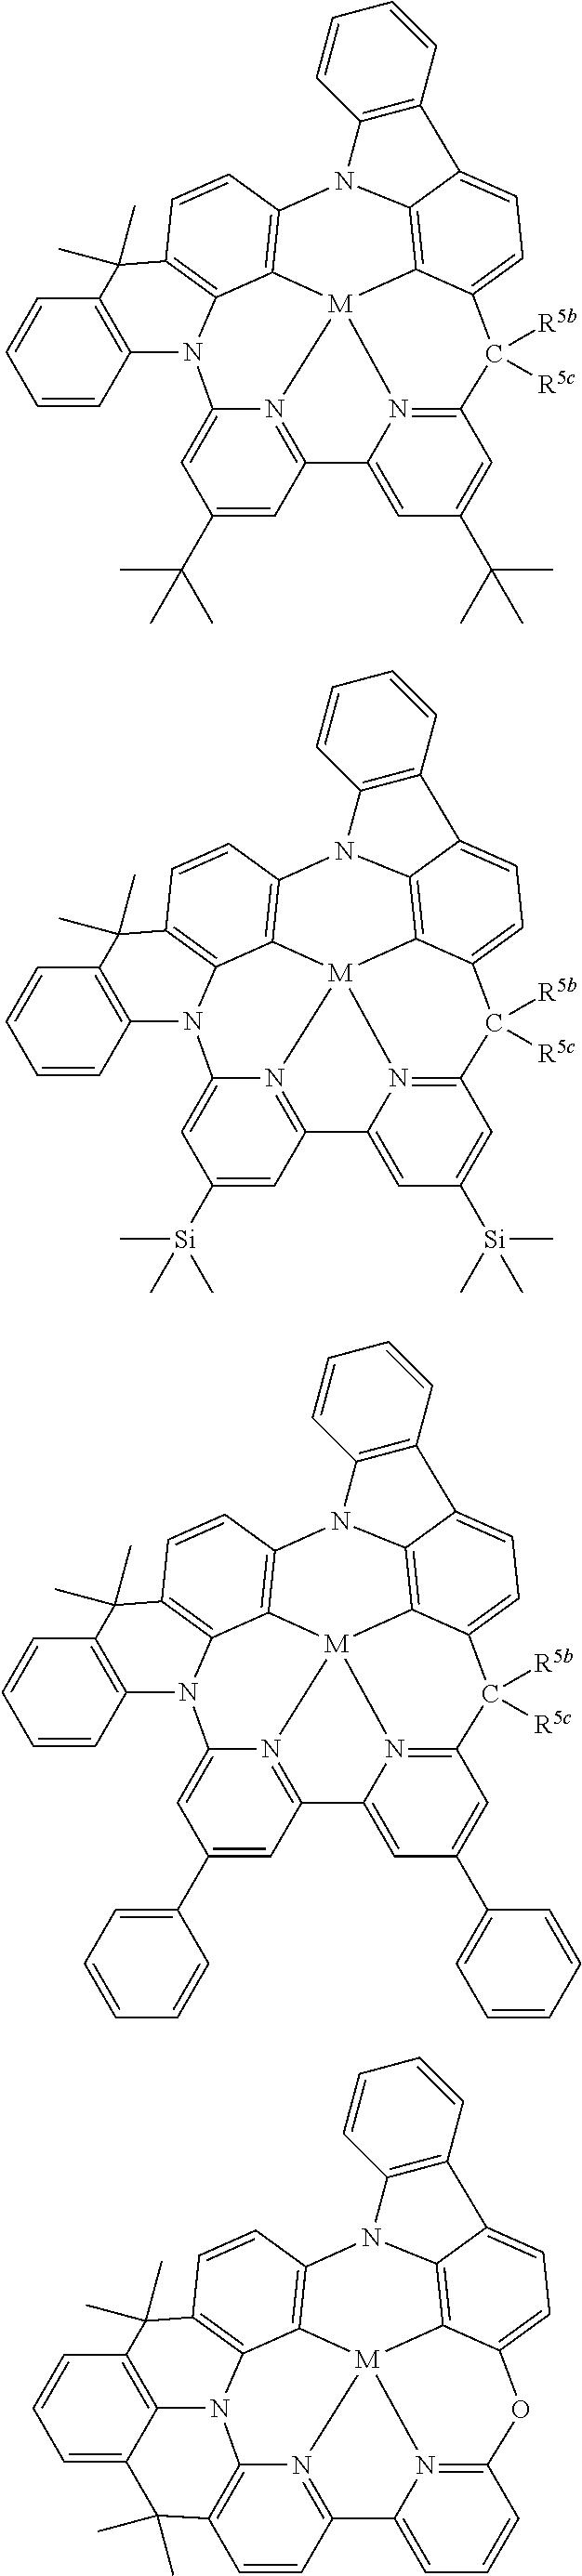 Figure US10158091-20181218-C00168